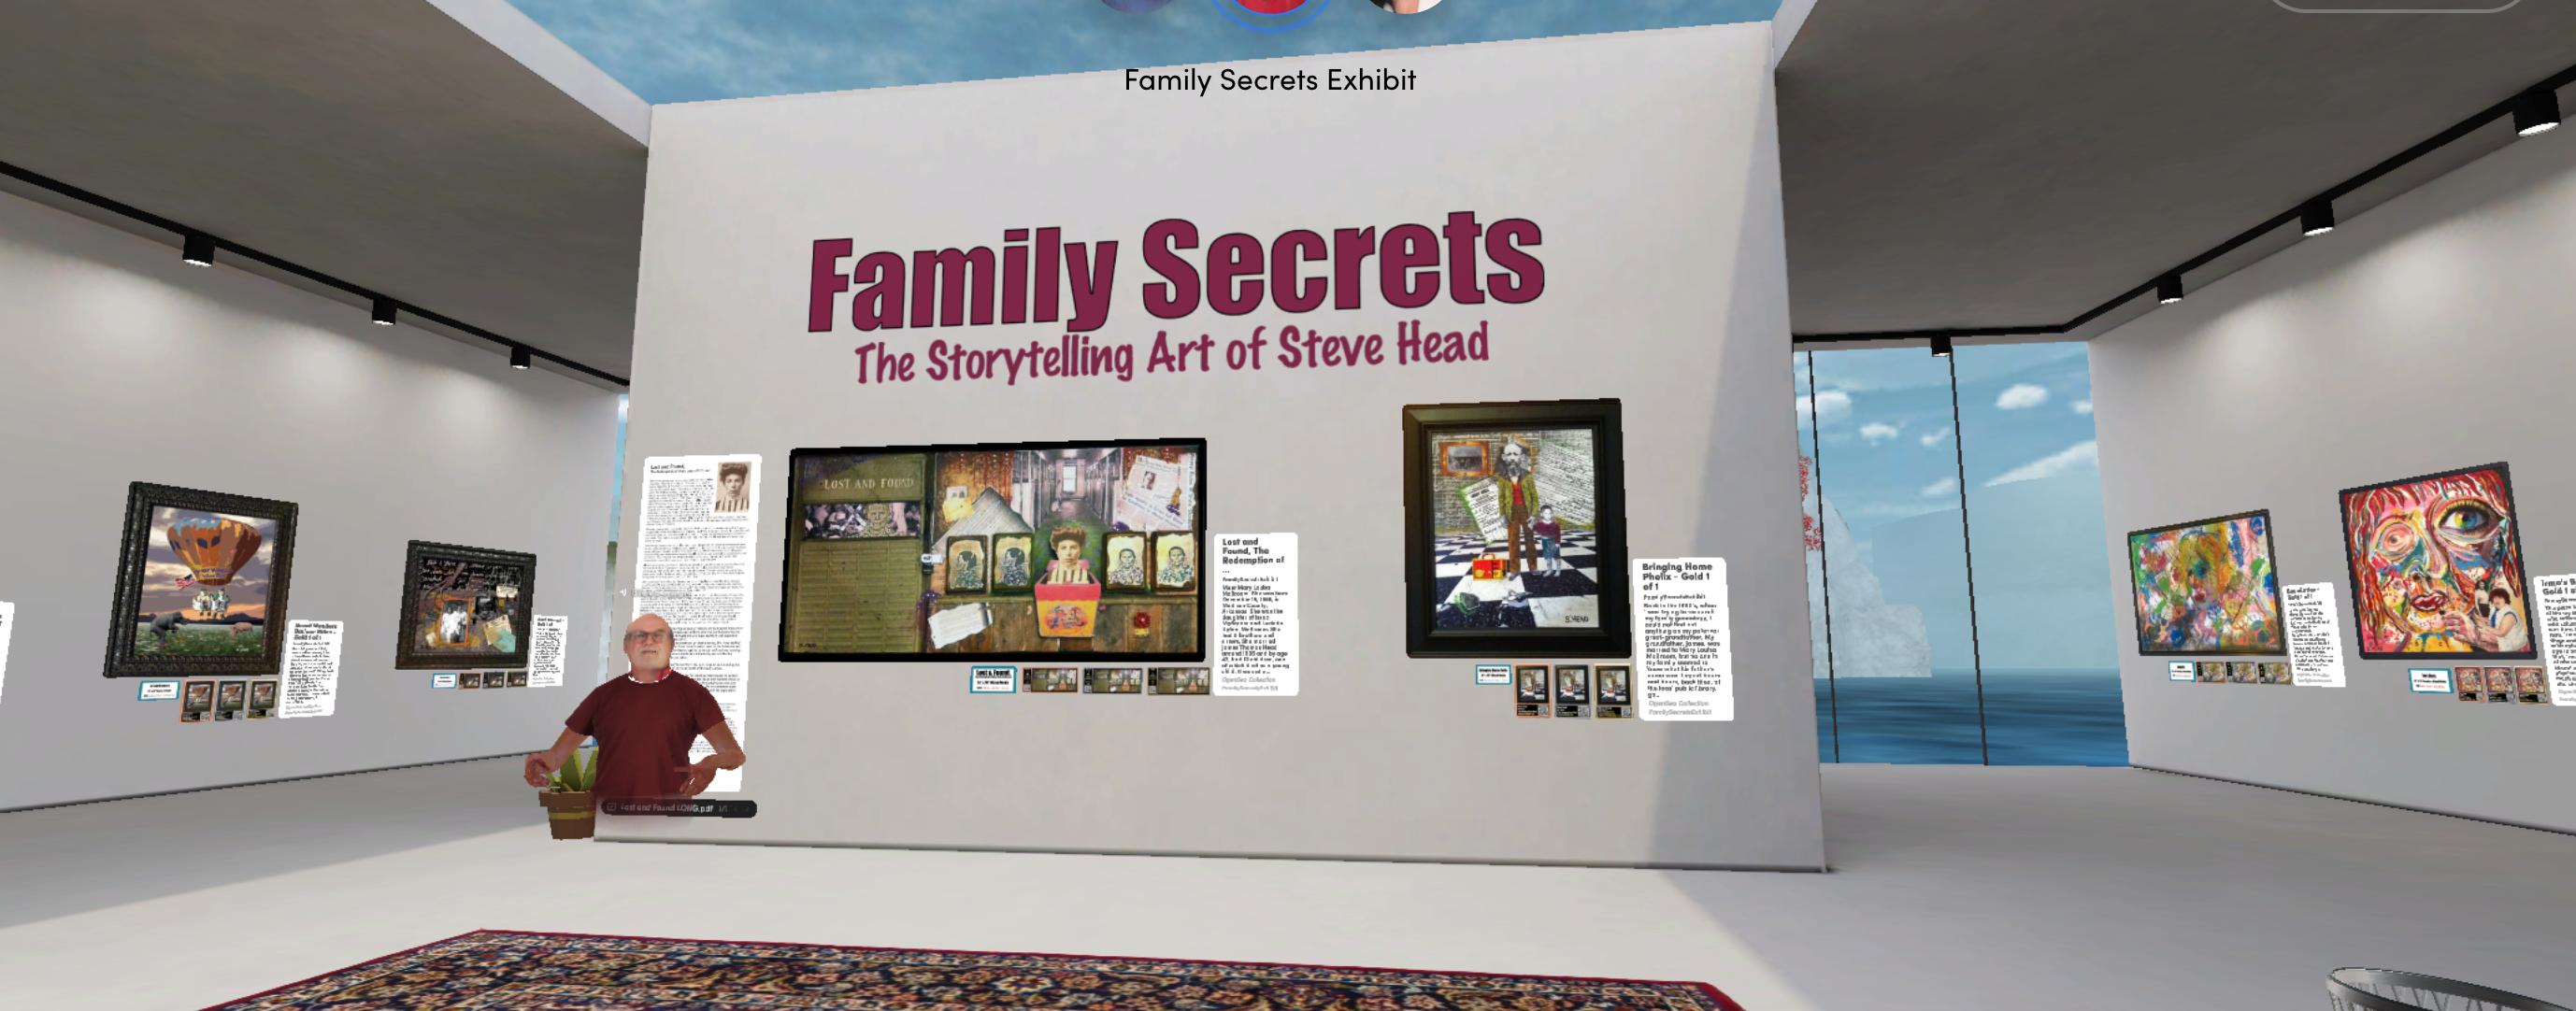 Family Secrets NFT Art Exhibit & The Healing Power of Storytelling in VR